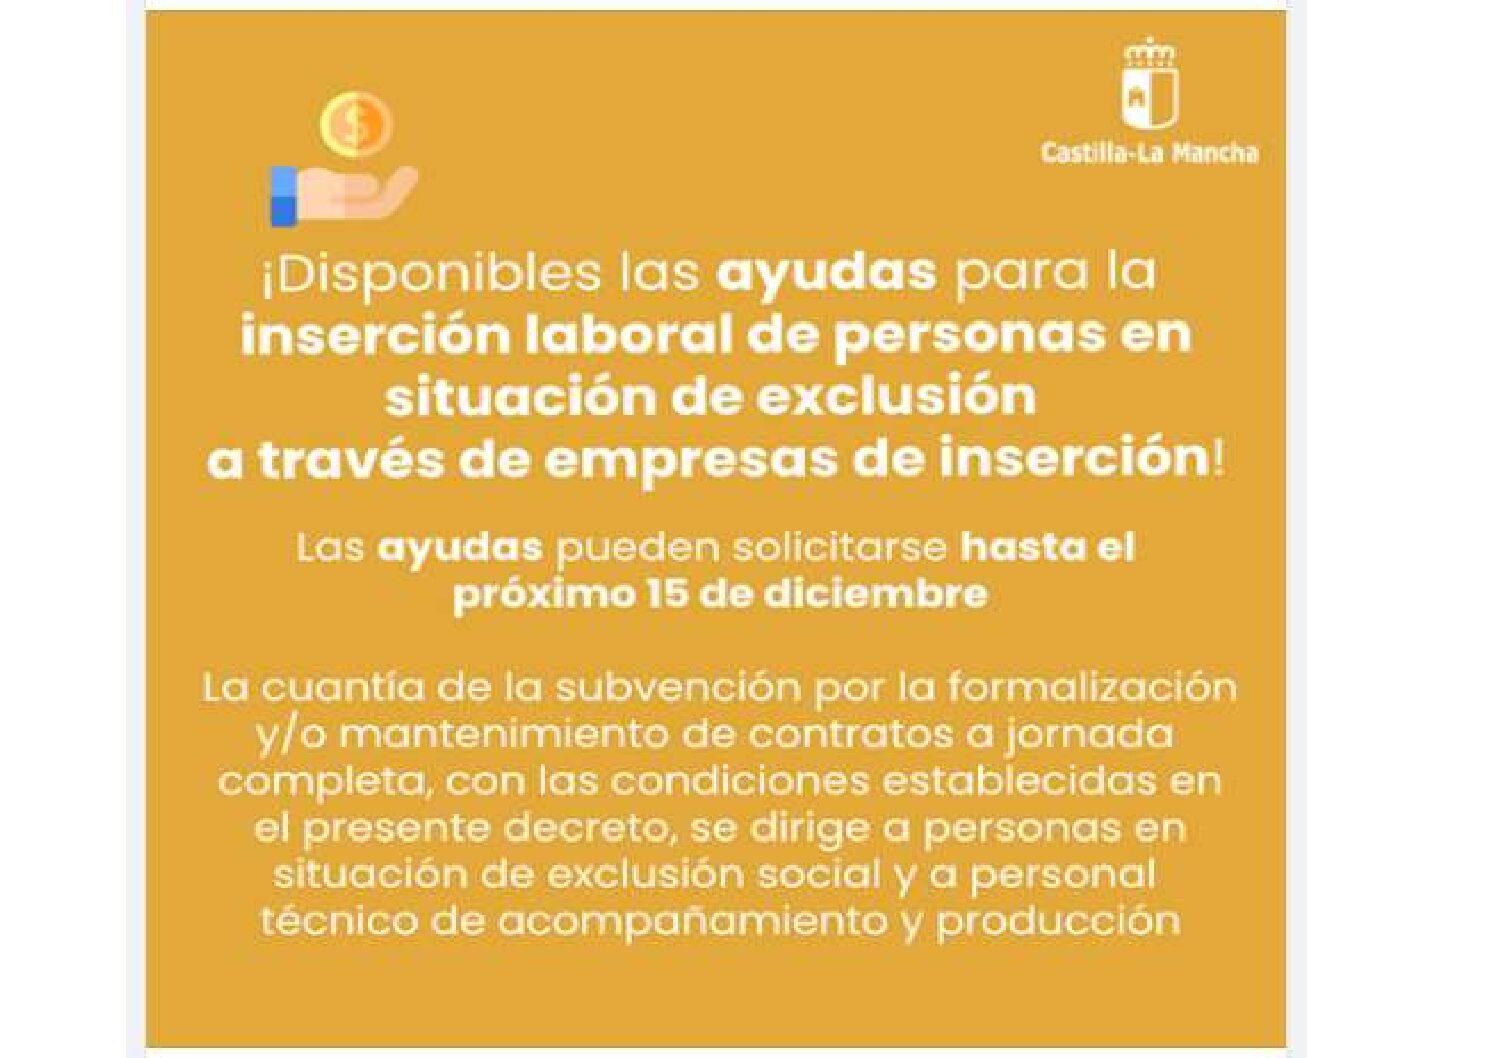 Economía, Empresas y Empleo de Castilla La Mancha